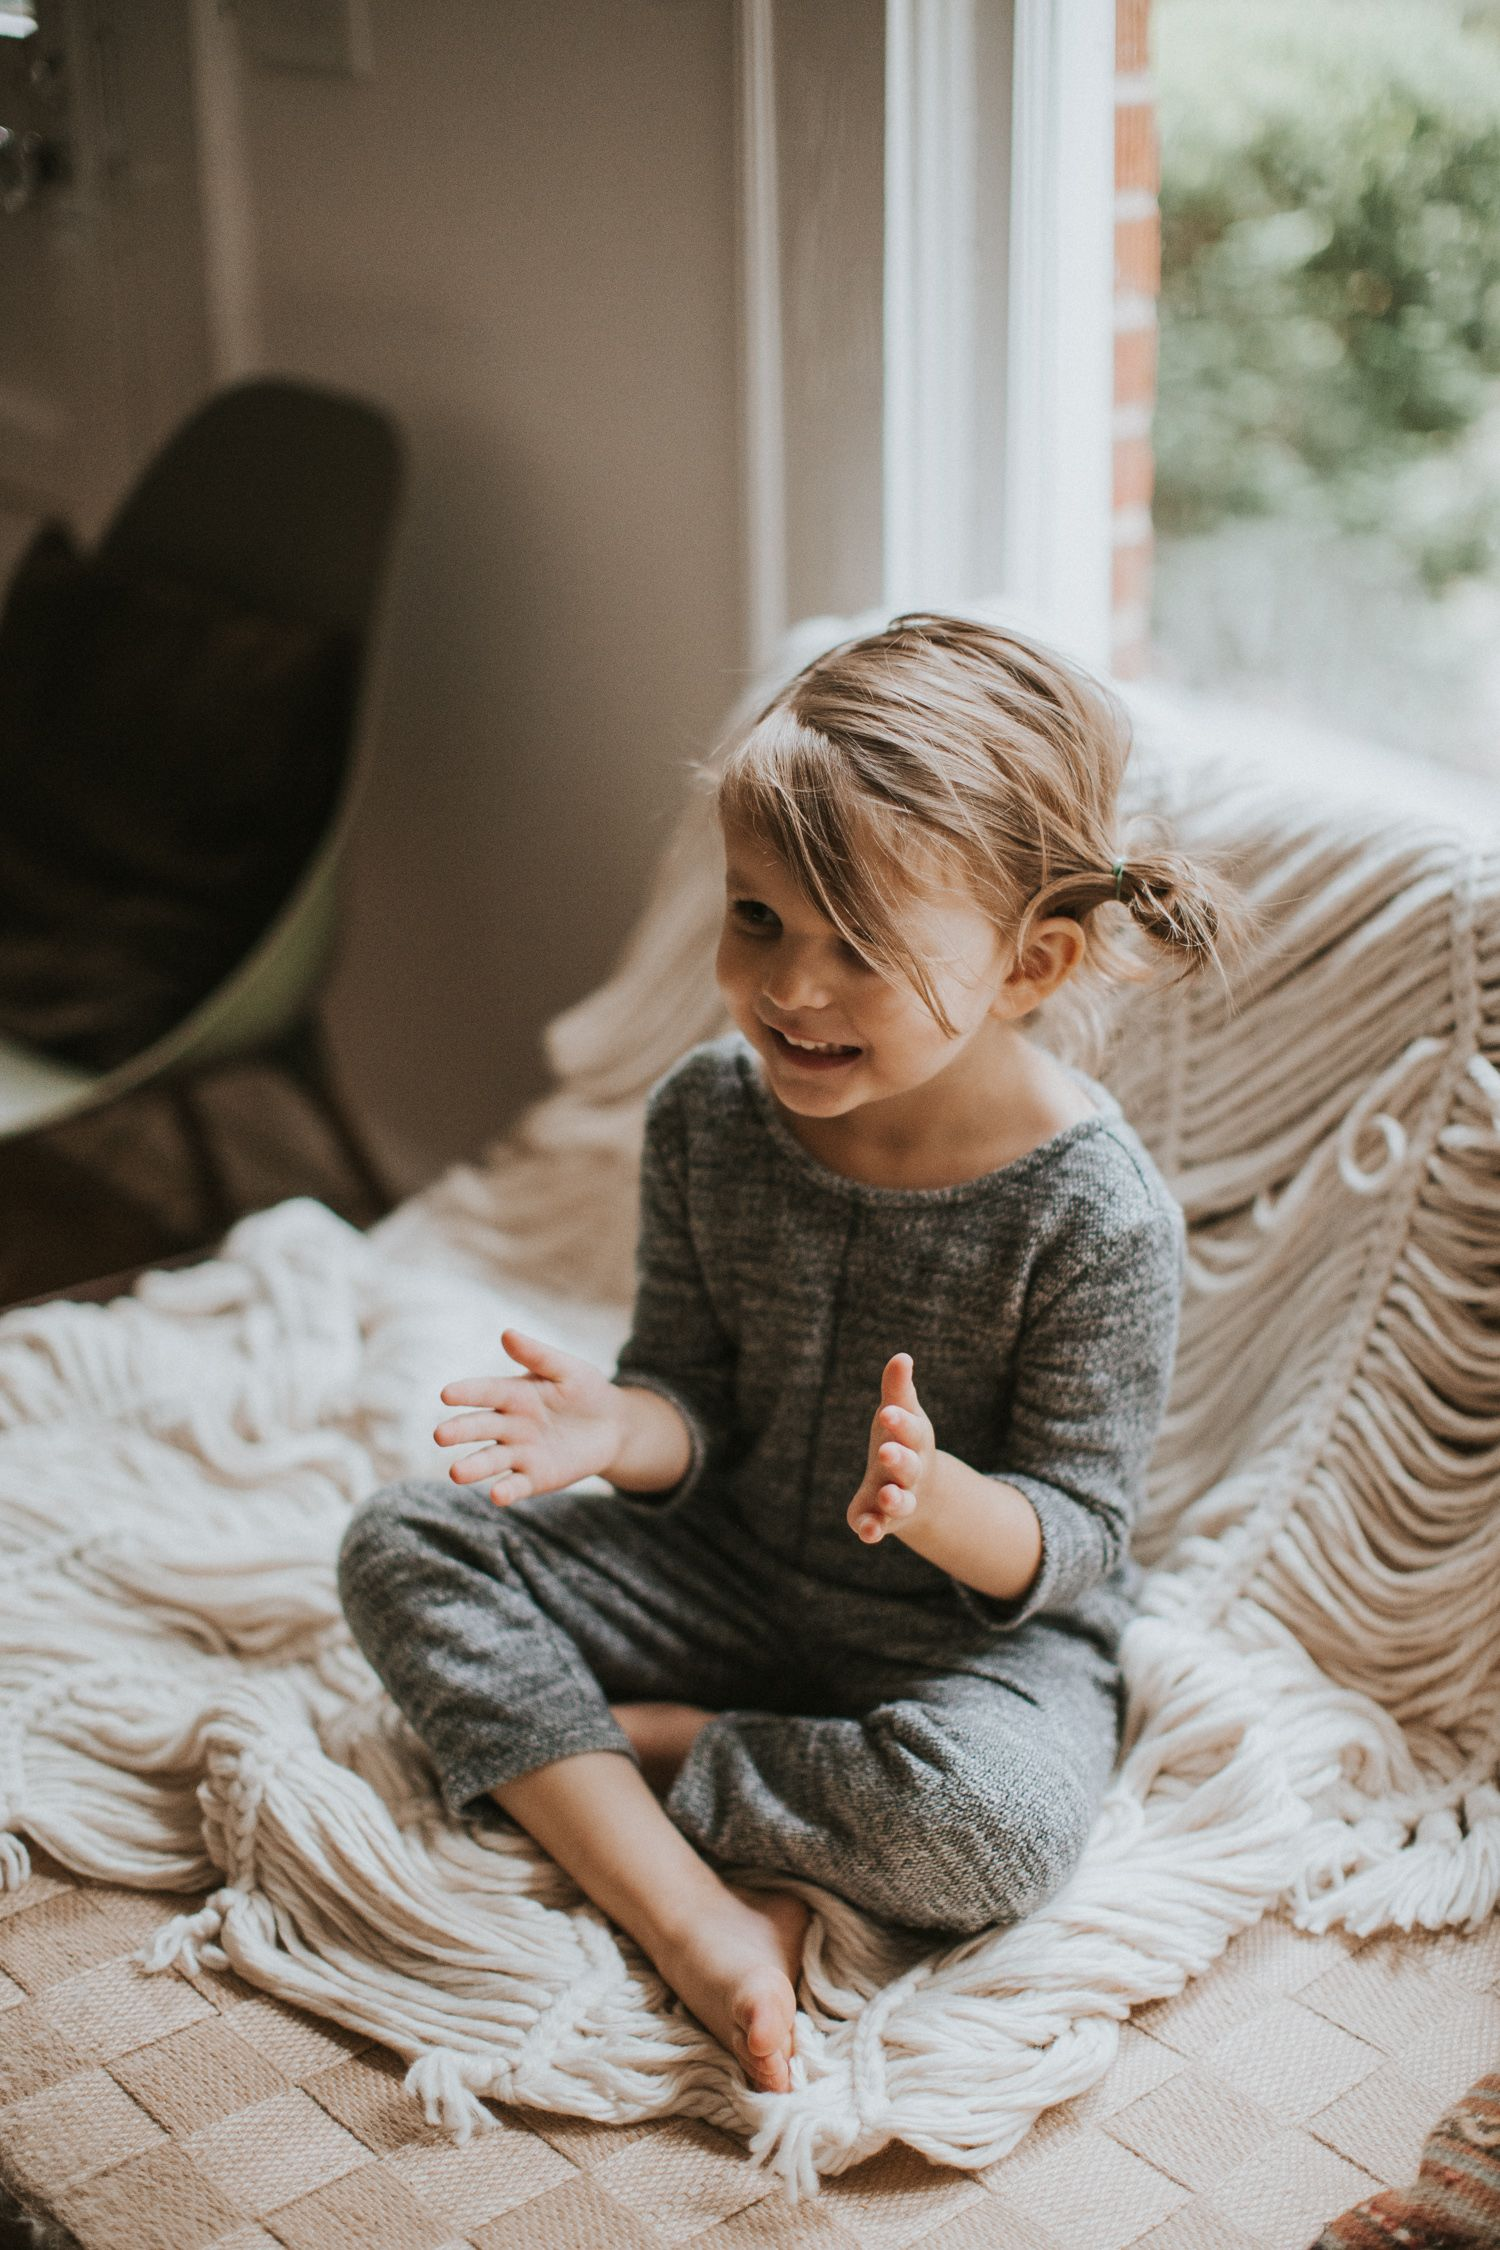 bollos de pelo metas futuras nios fotografa futuros hijos el nio nias pequeos poco estilo chica hermanitas